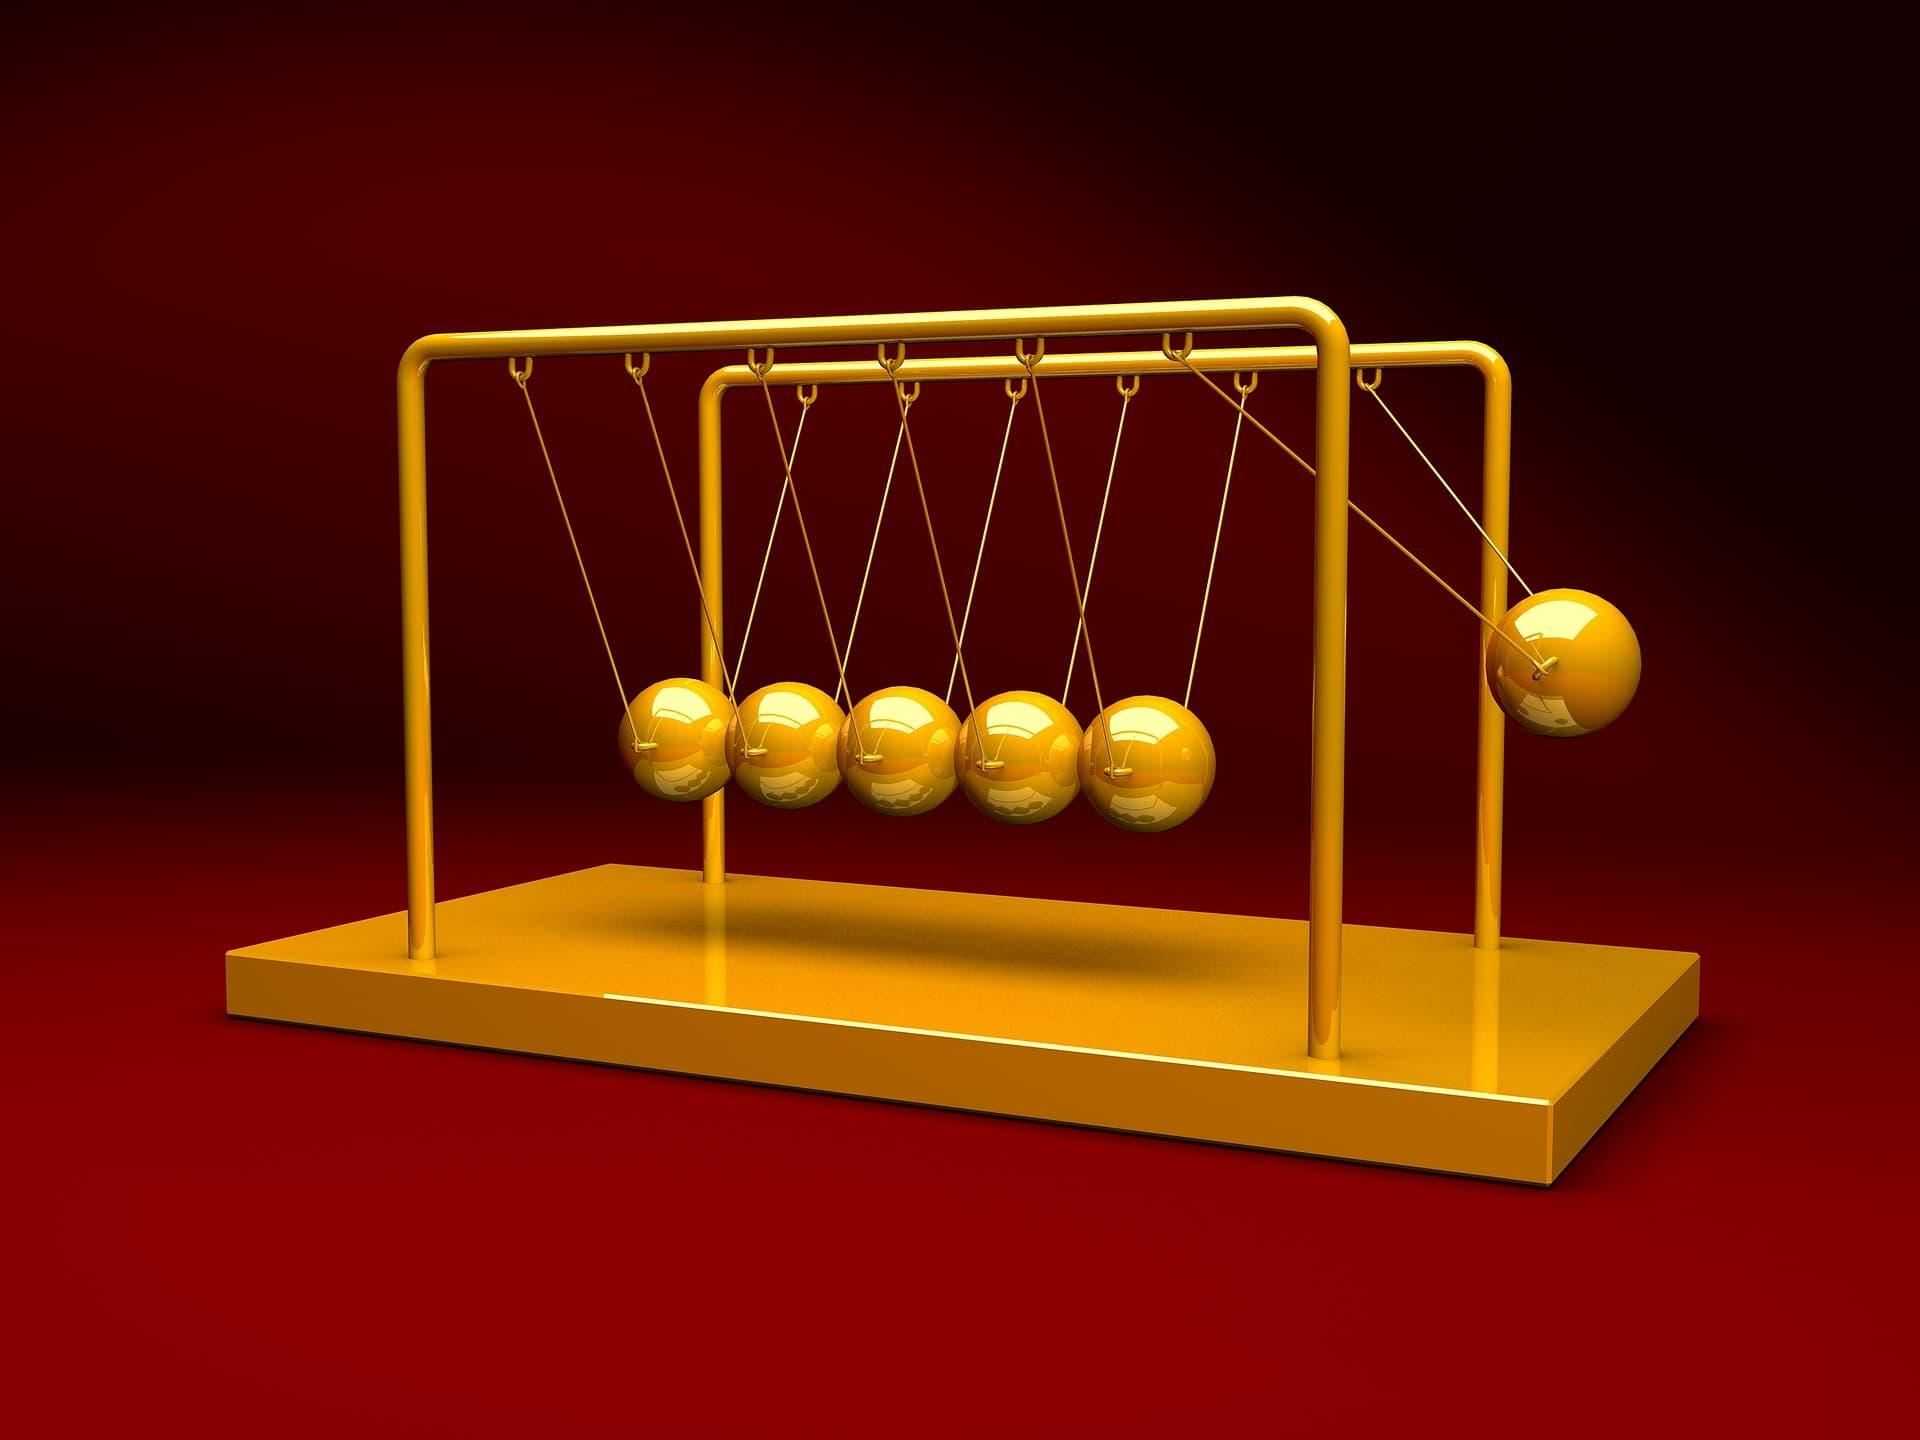 Newton's cradle toy